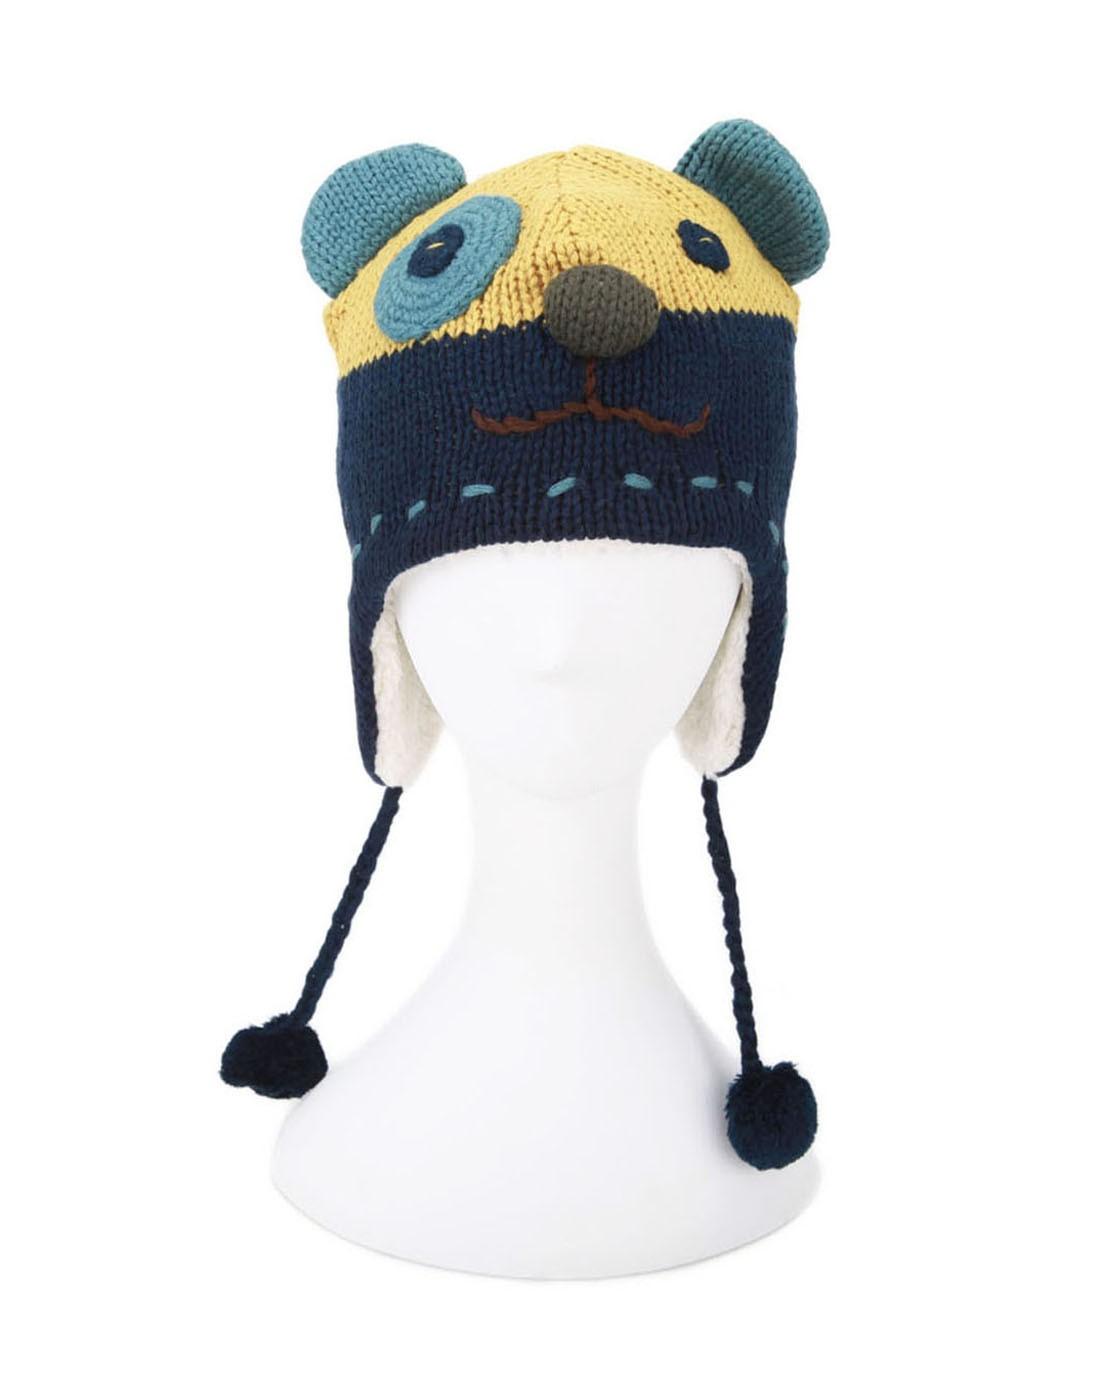 中性青色可爱动物针织帽子